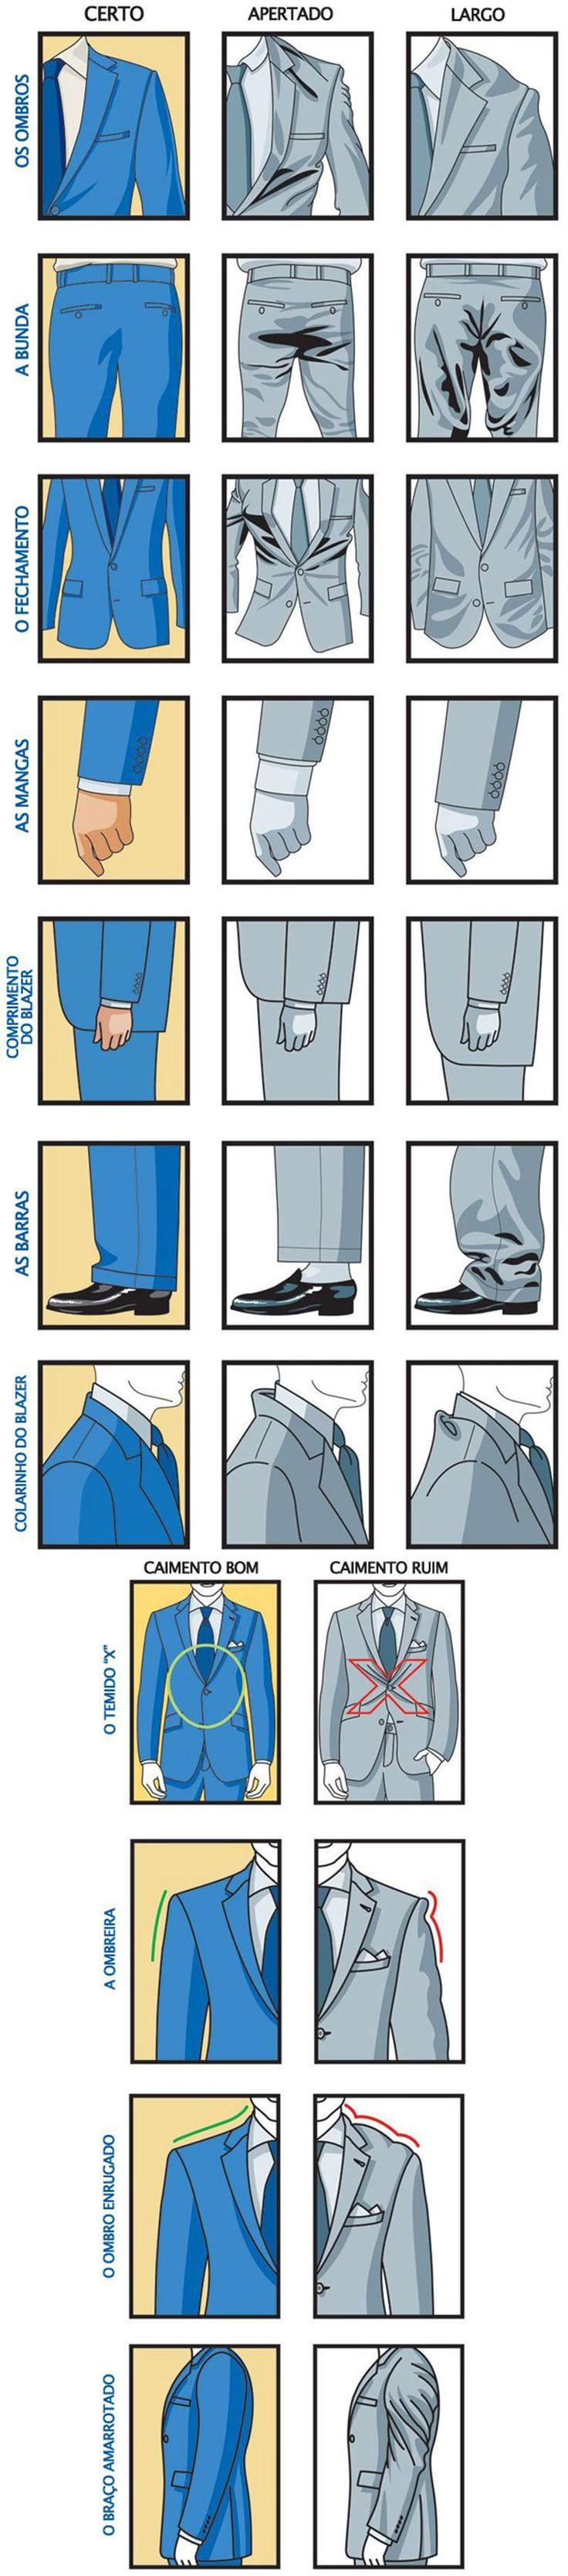 Guia do Noivo: Dicas para escolher o terno perfeito - eNoivado